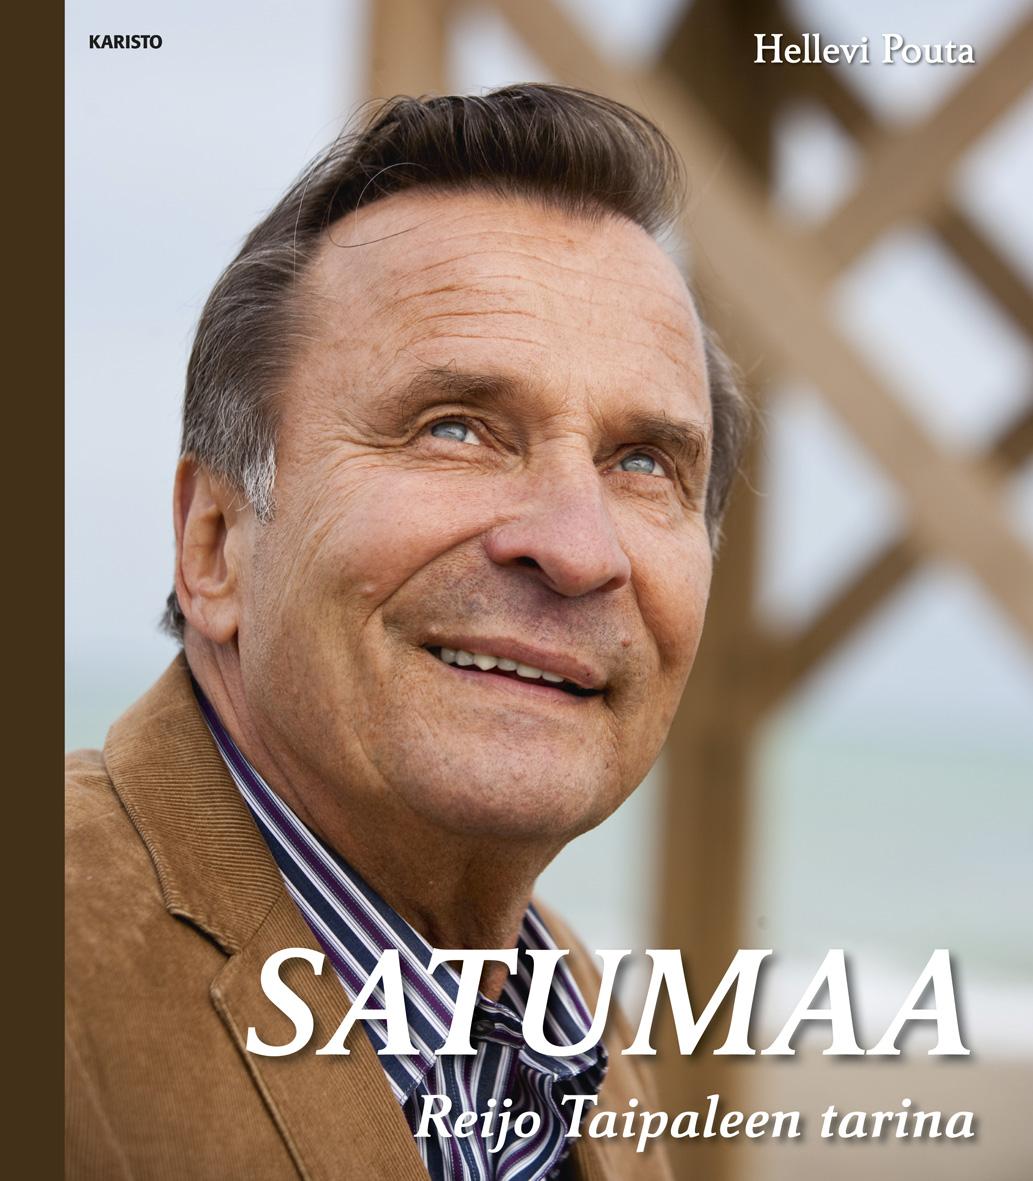 Pouta, Hellevi - Satumaa - Reijo Taipaleen tarina, ebook